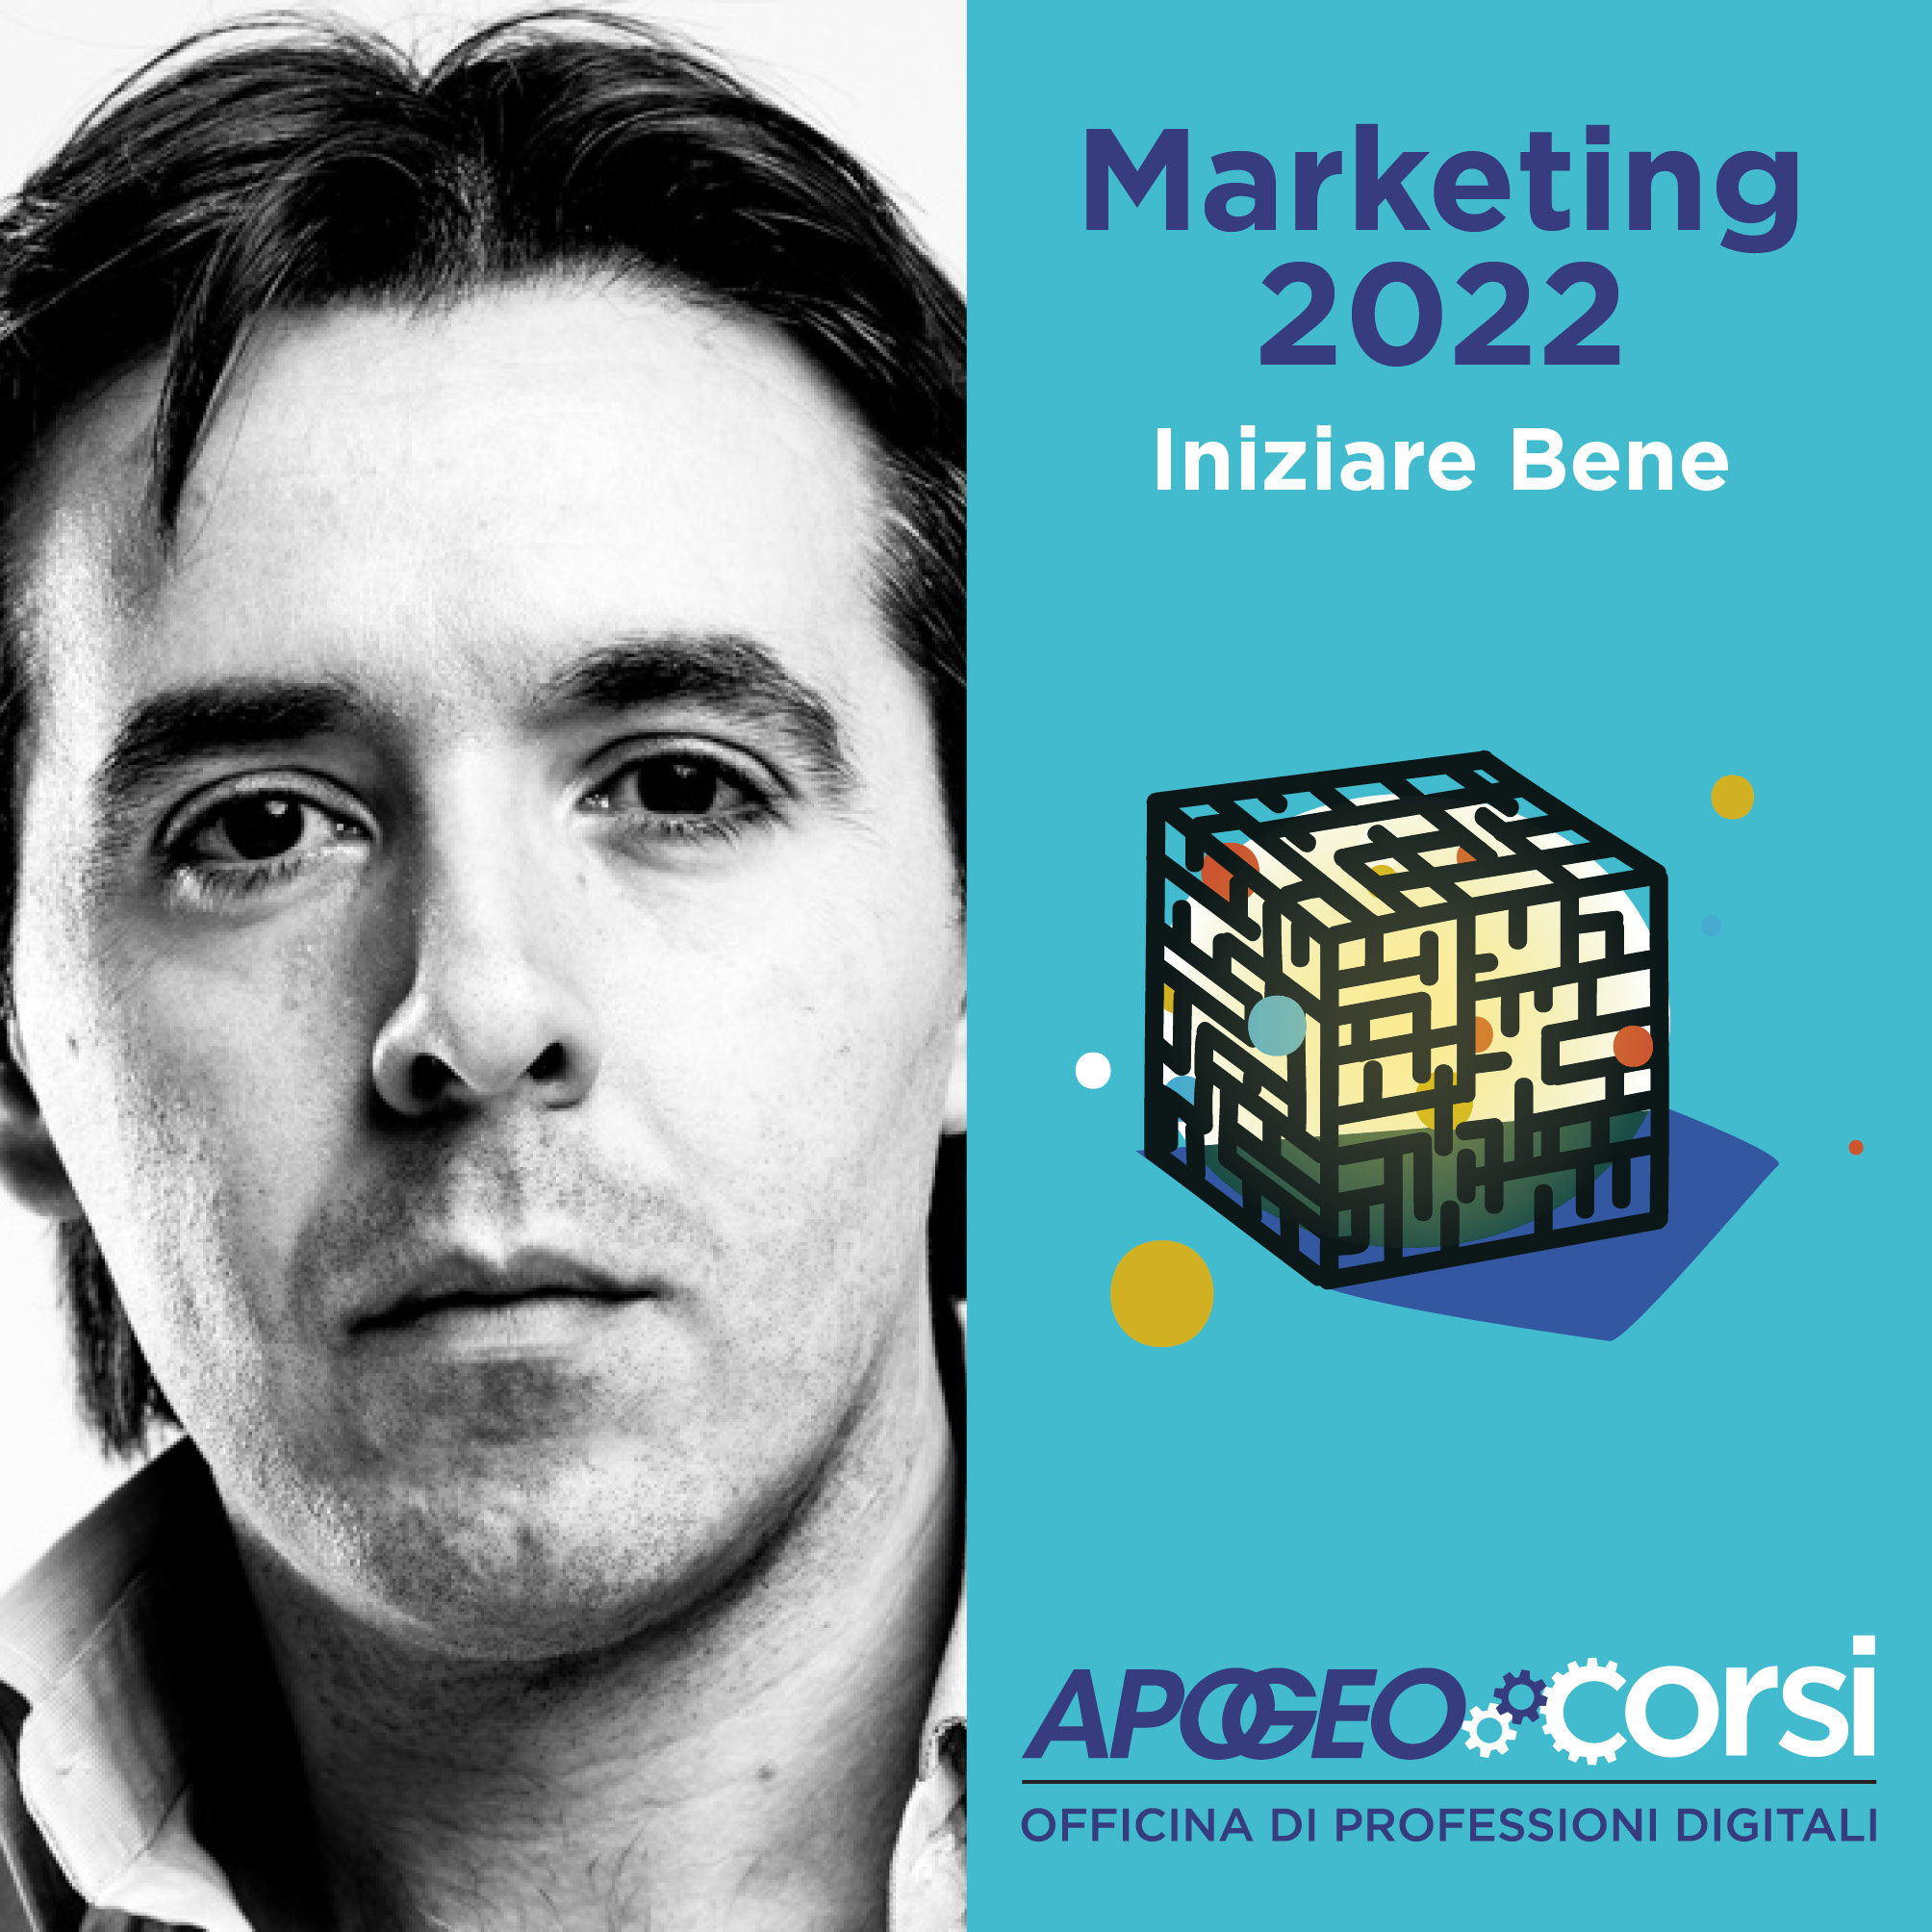 Marketing-2022-iniziare-bene-cover